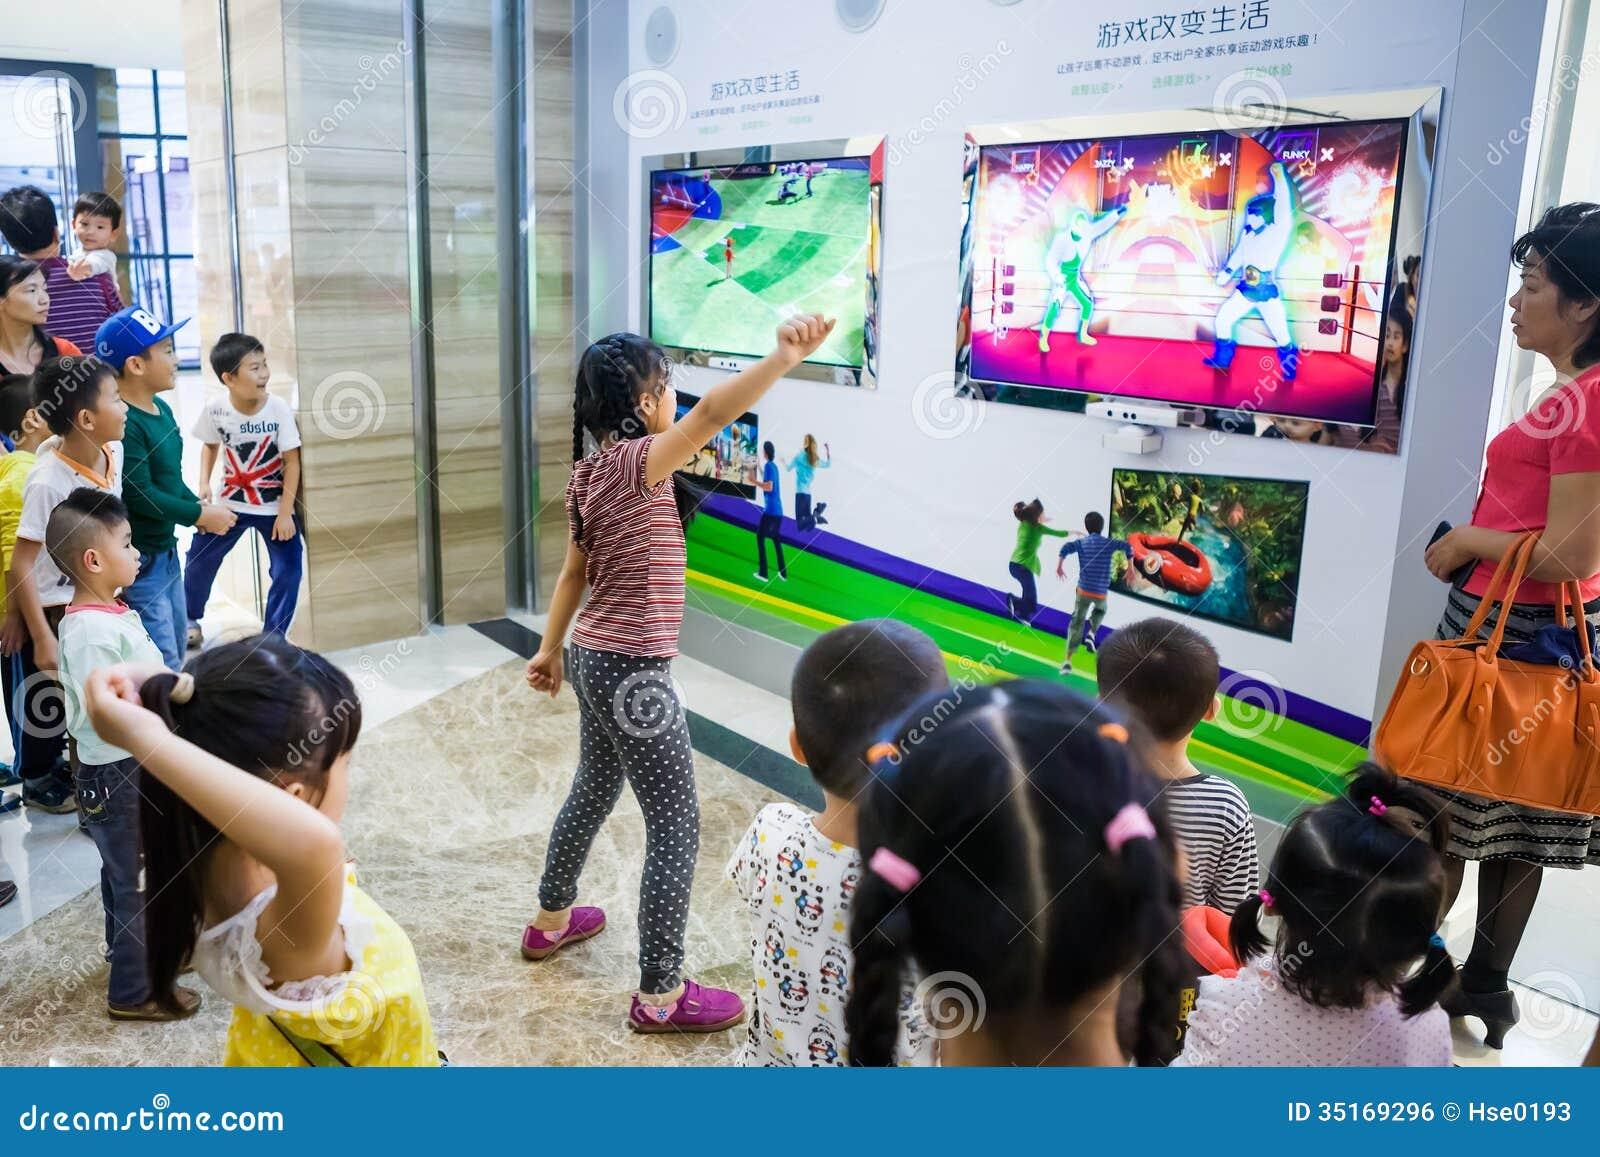 Jugar A Juegos Interactivos Con El Kinect Xbox 360 Foto Editorial